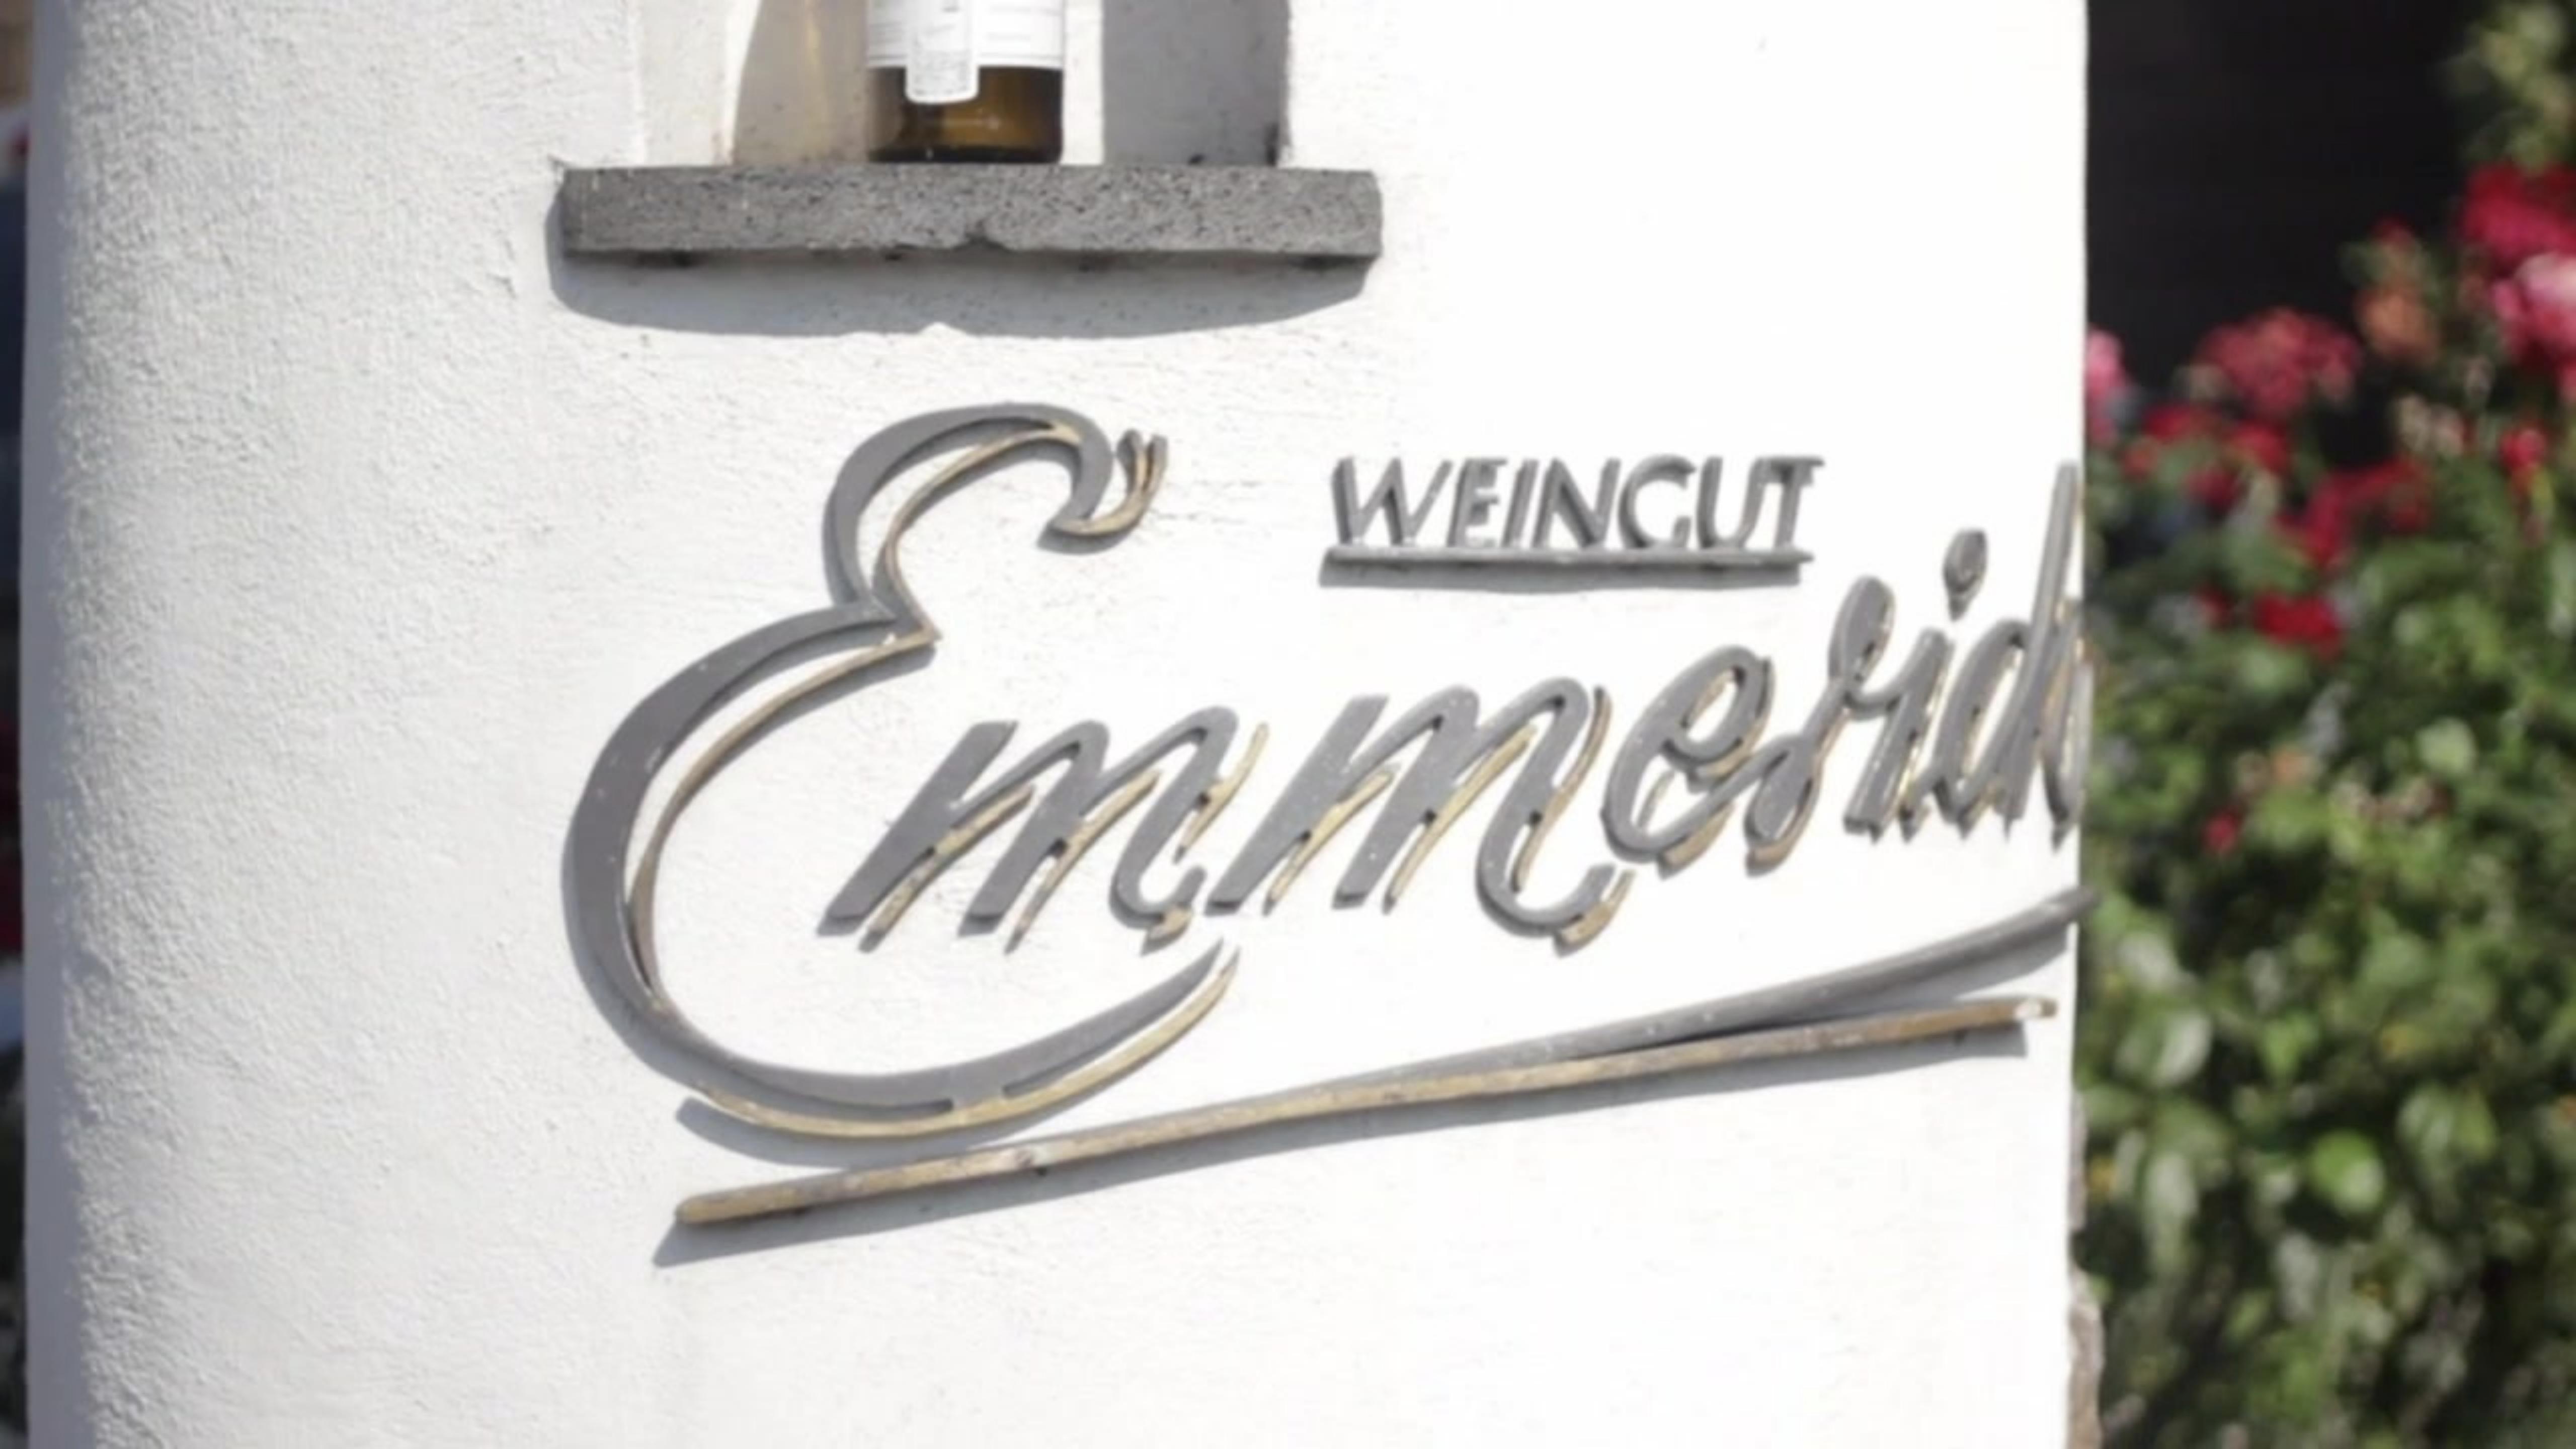 Weingut Emmerich